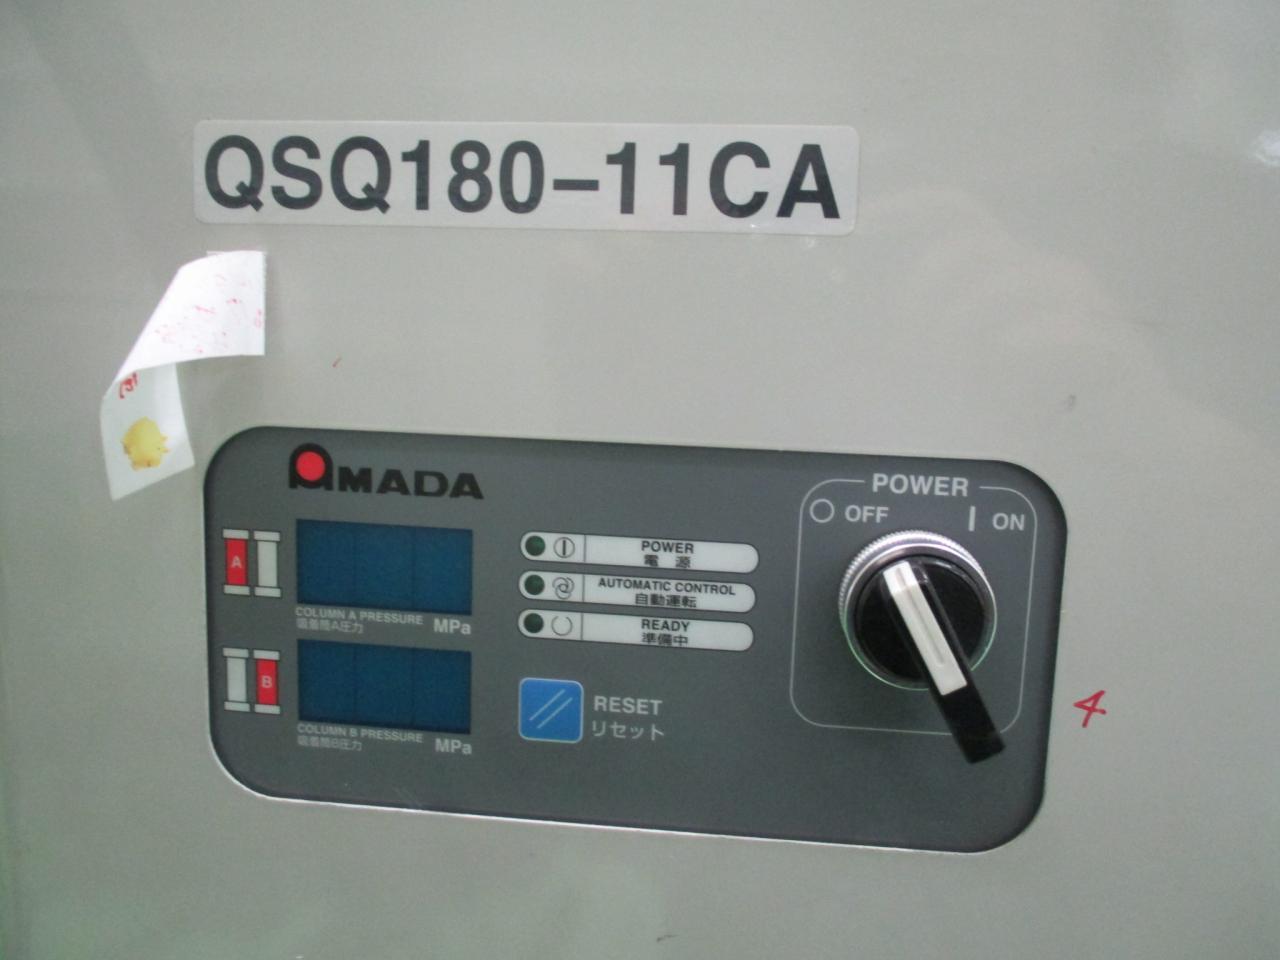 パージ用ドライヤーの操作部・型式表示部